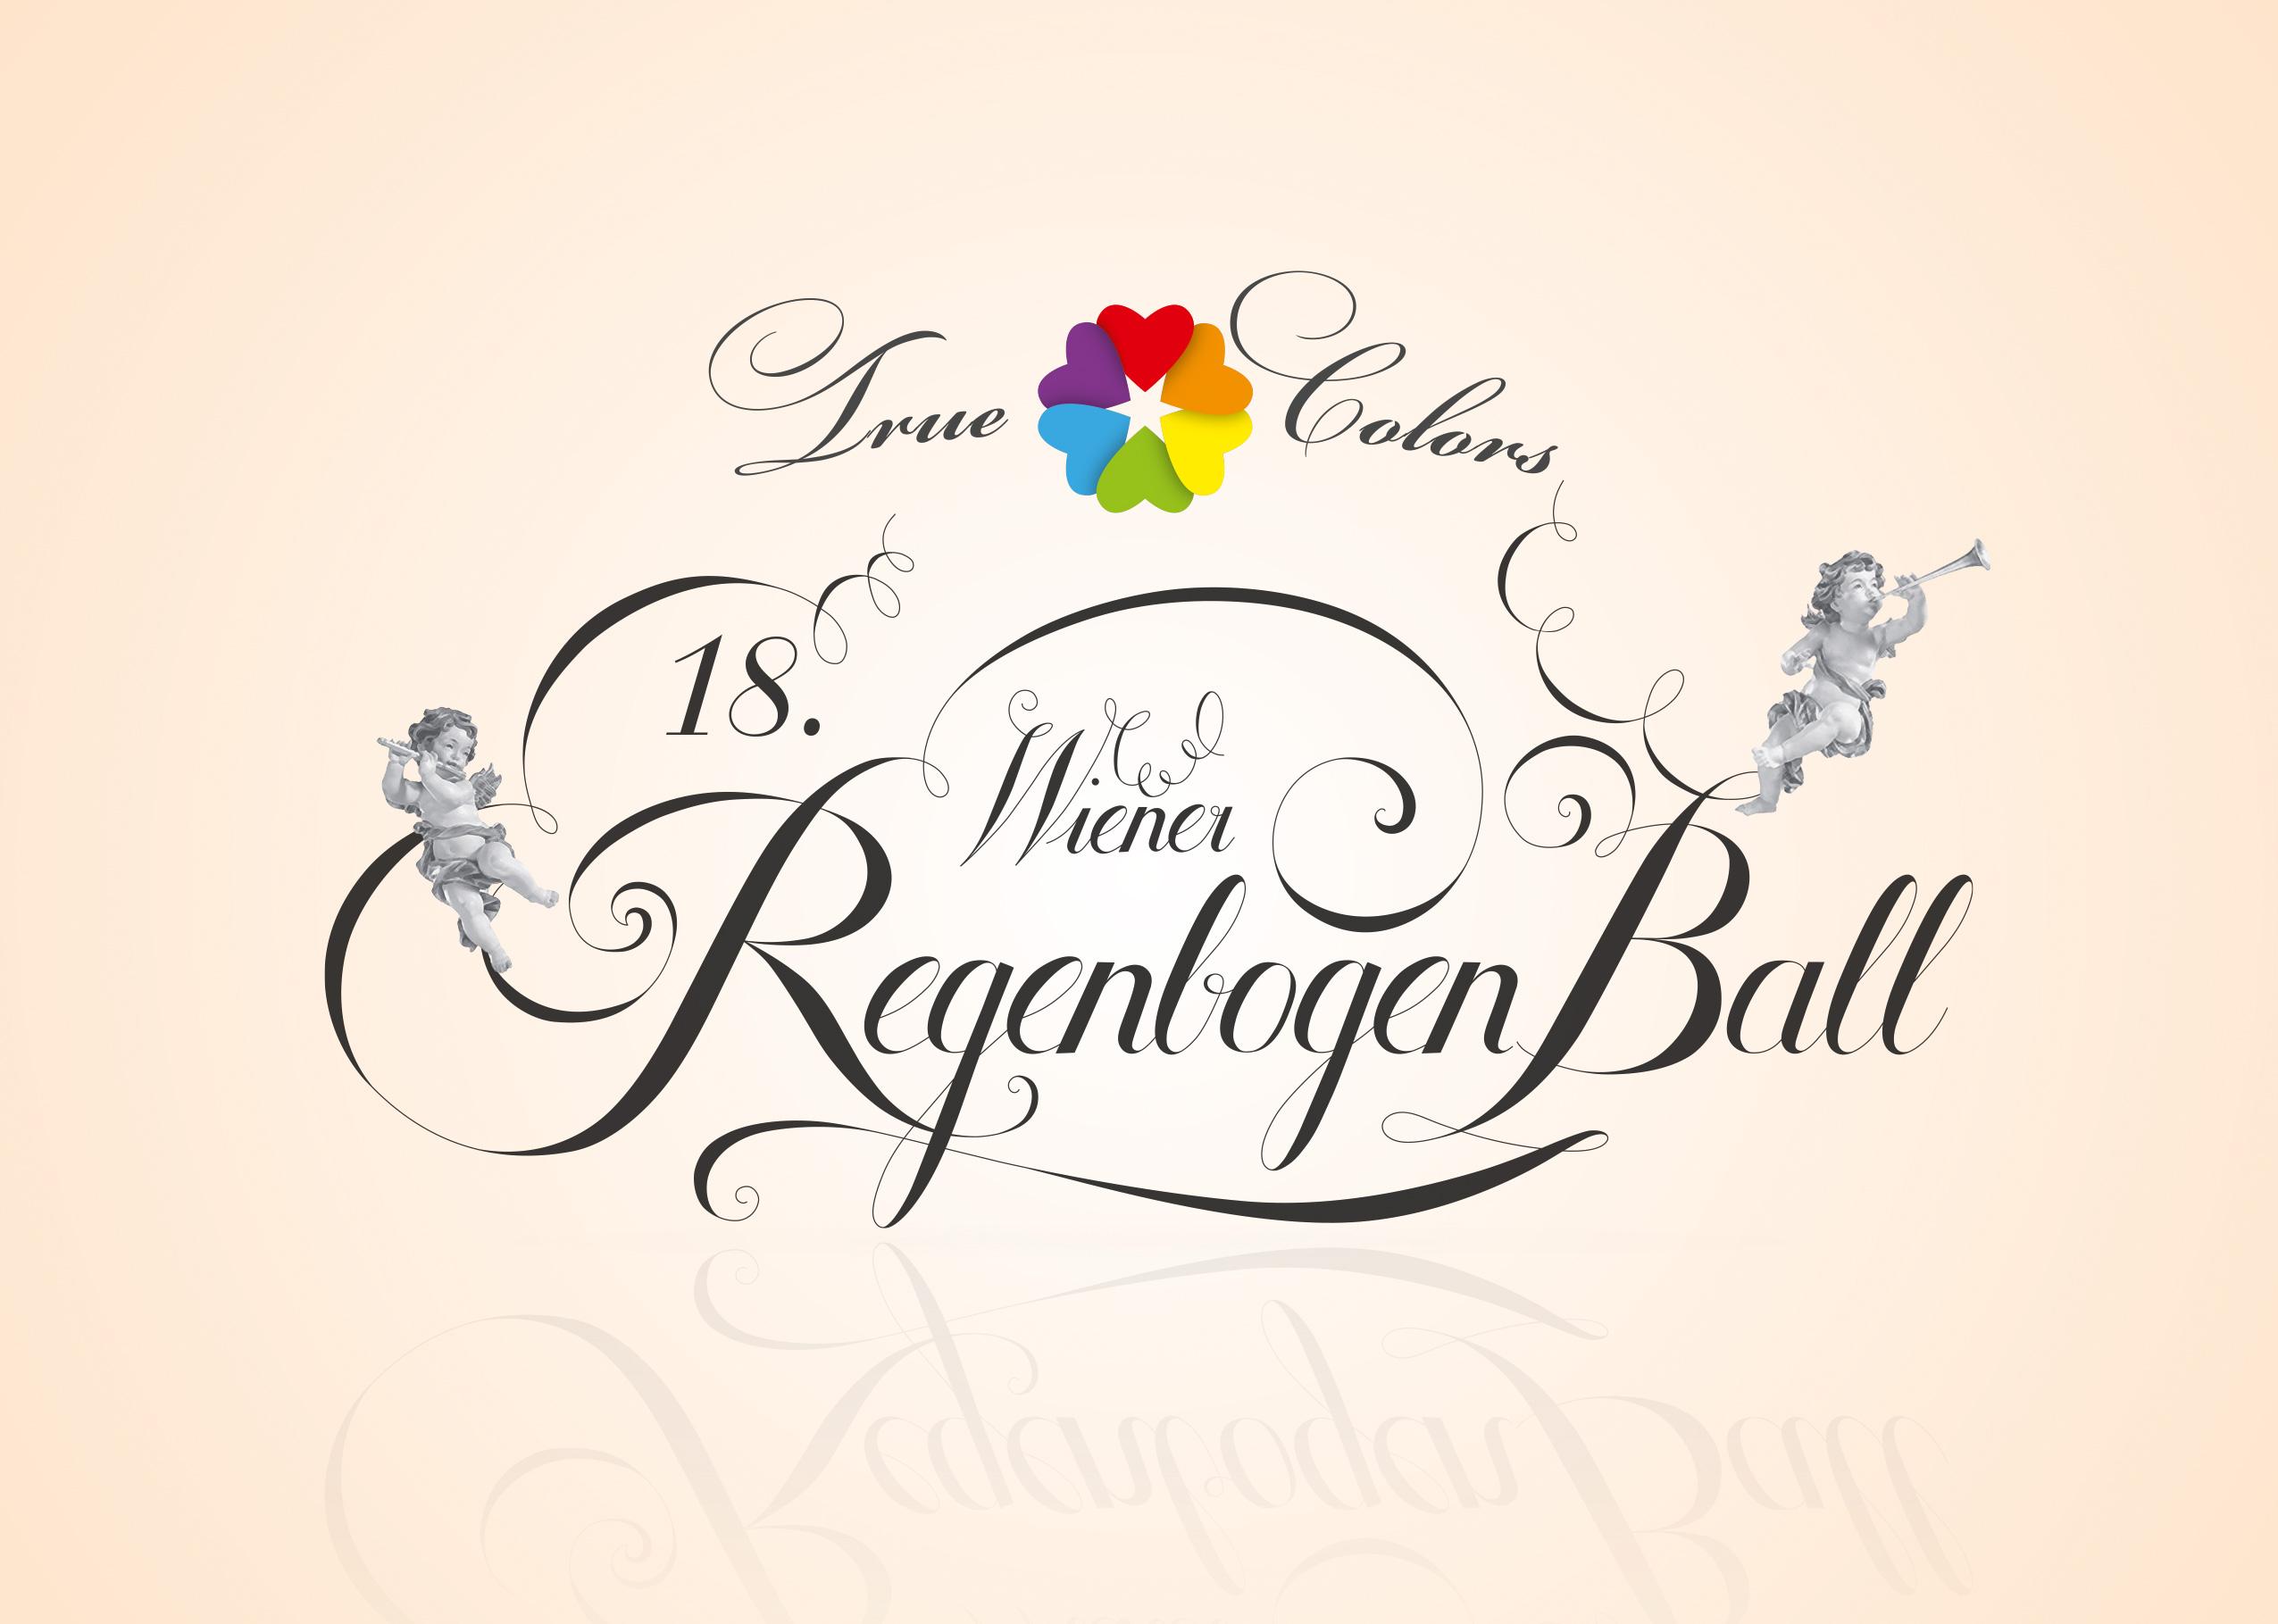 Regenbogenball 2015